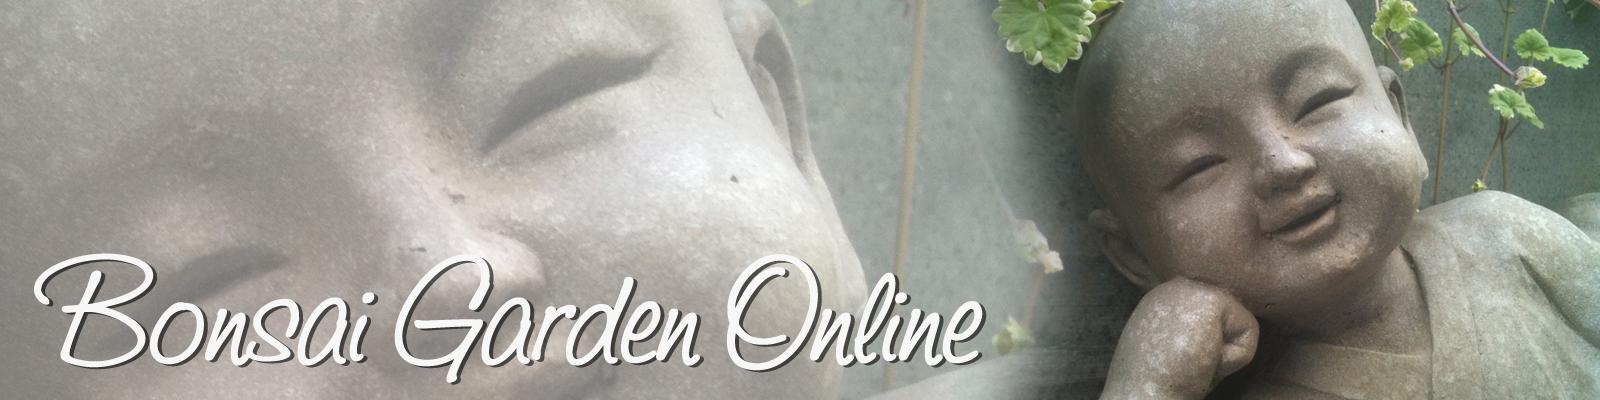 bonsai_banner.jpg